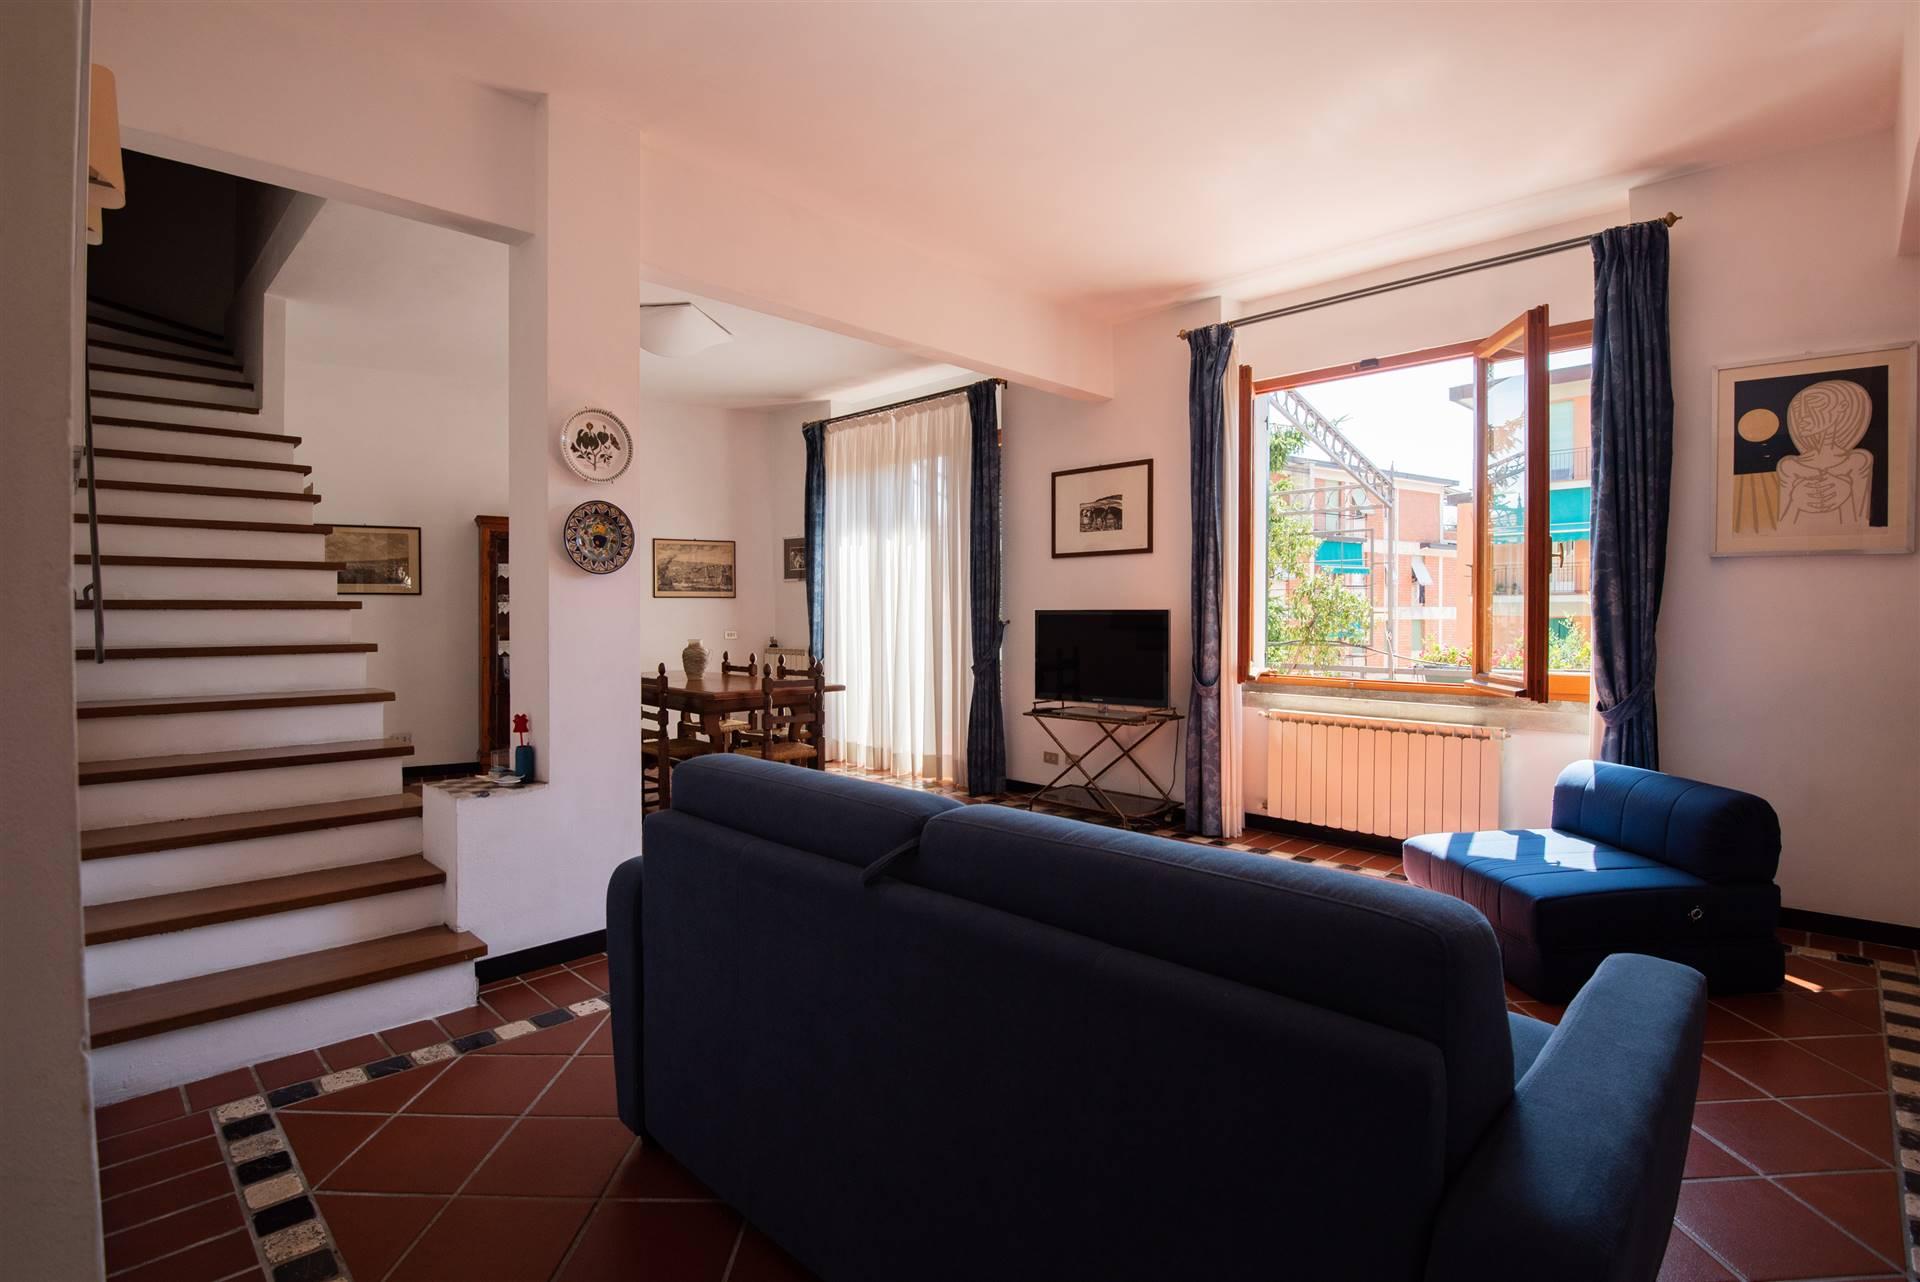 Soluzione Indipendente in affitto a Portovenere, 4 locali, zona razie, prezzo € 1.300   PortaleAgenzieImmobiliari.it